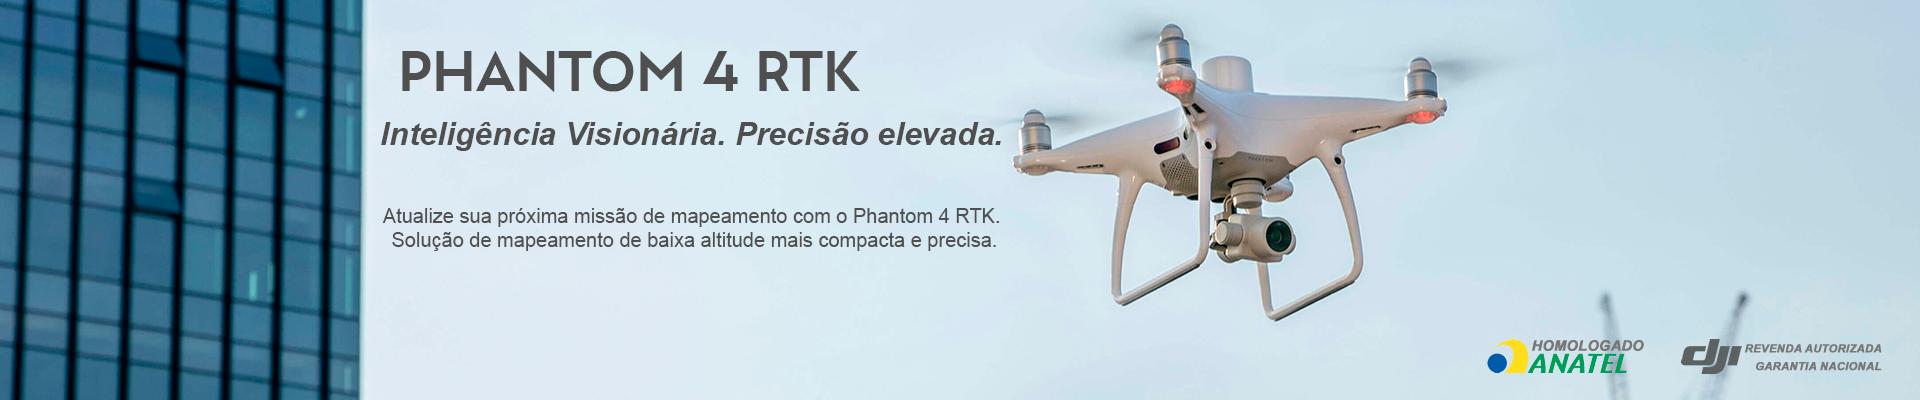 p4rtk